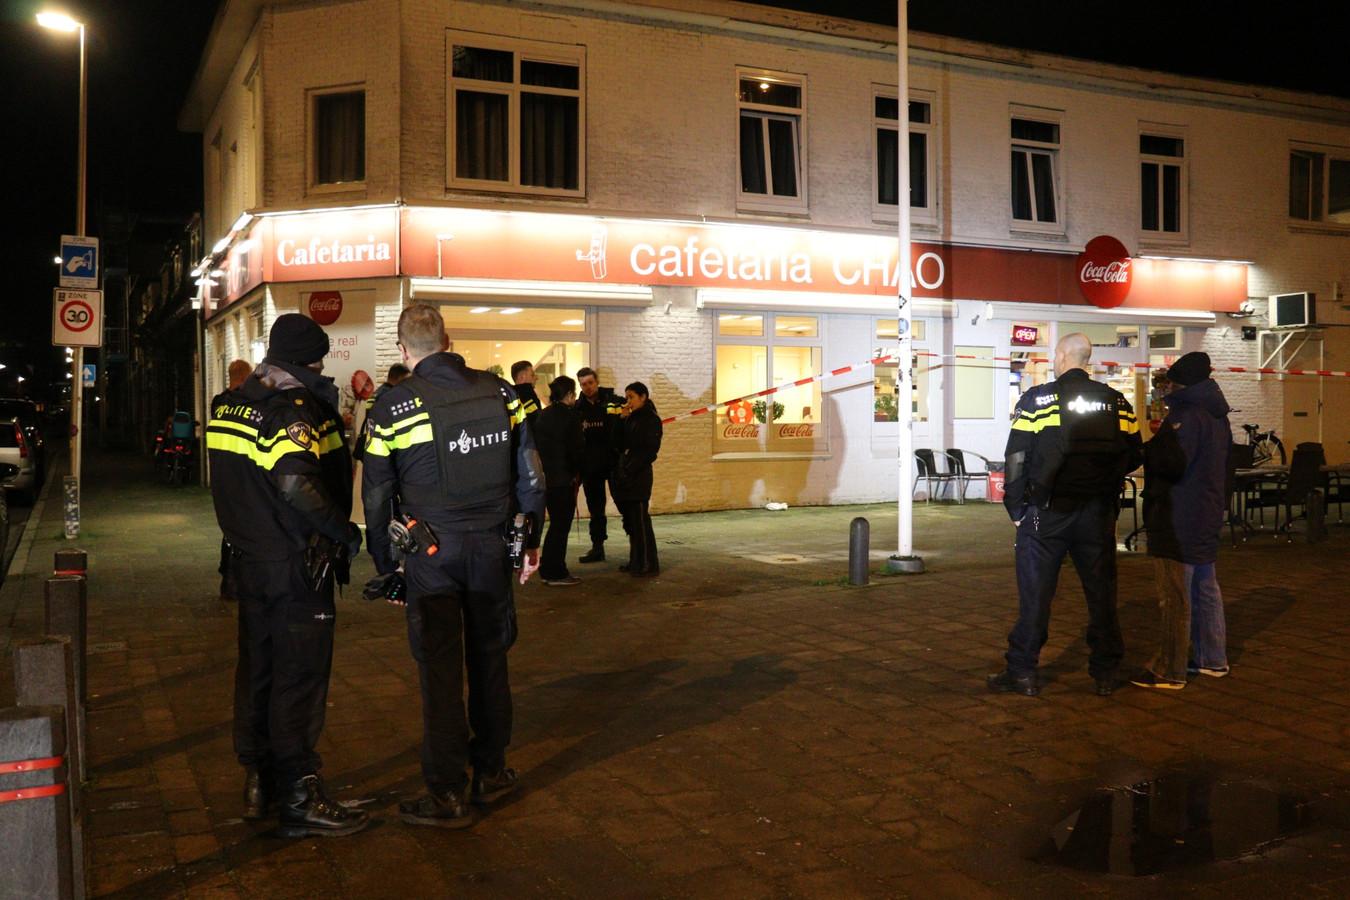 De politie draagt kogelwerende vesten na de overval op de cafetaria.